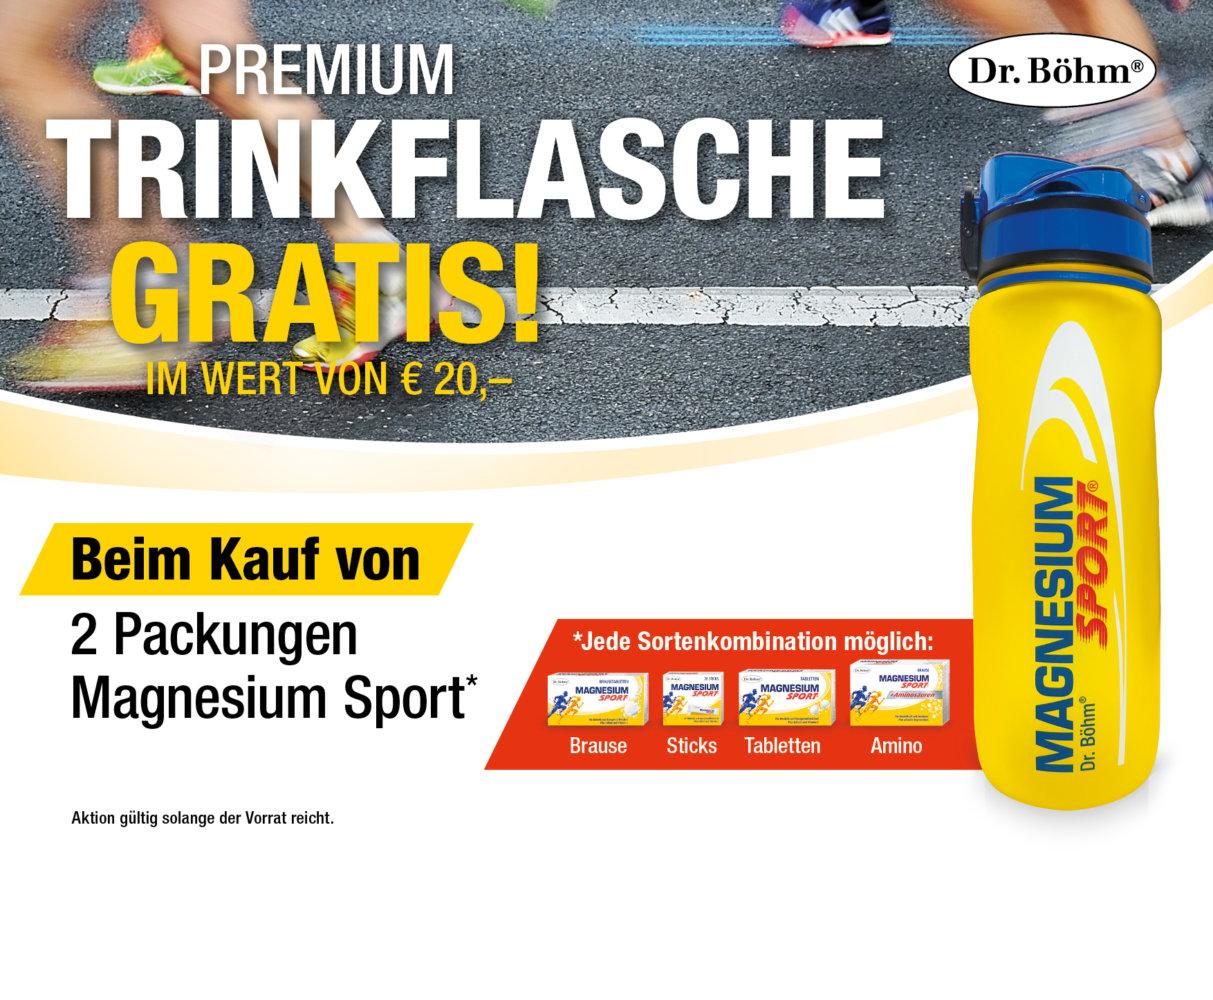 Magnesium Sport® Trinkflaschenaktion - beim Kauf von 2 Packungen Magnesium Sport® Trinkflasche im Wert von €20,- GRATIS!